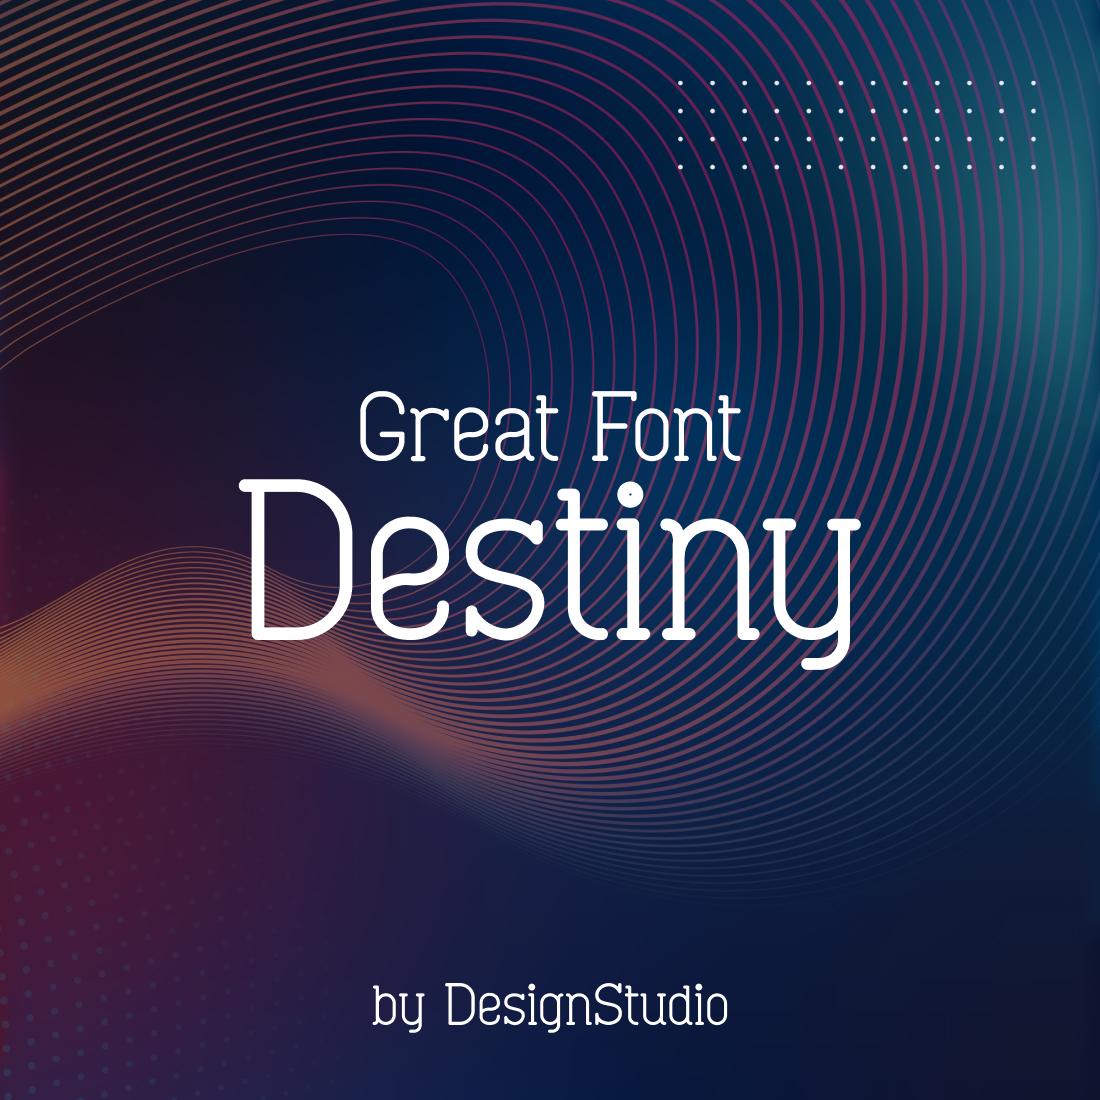 Destiny Monospaced Serif Font cover image.